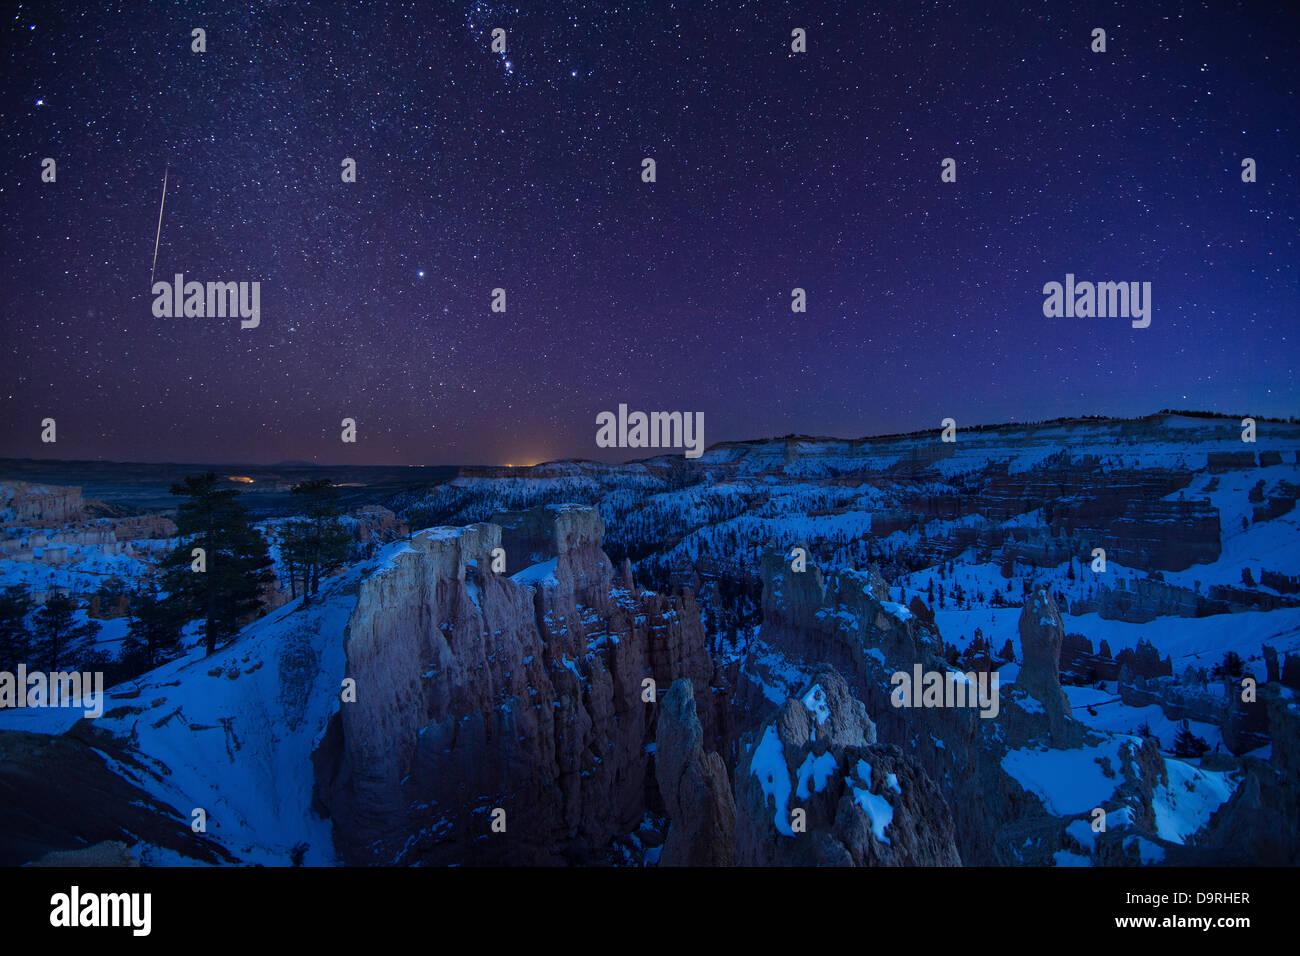 Una estrella fugaz en el cielo de la noche en el Anfiteatro, Bryce Canyon, Utah, EE.UU. Foto de stock